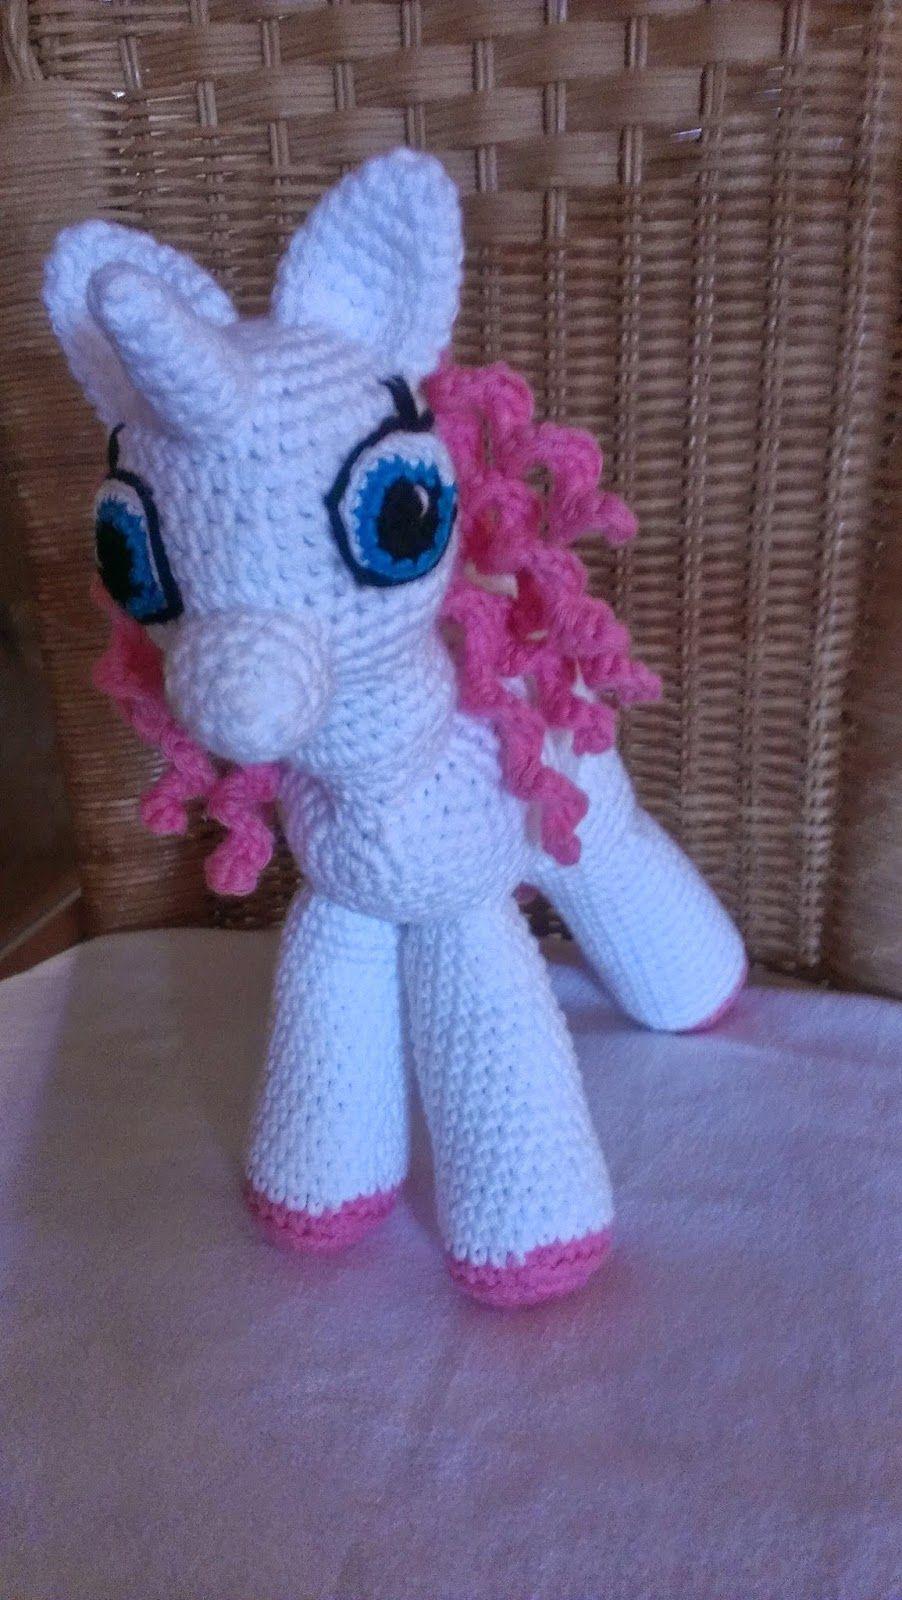 Wundervolle Amigurumi Welt: Ellie das Einhorn (My little Pony)